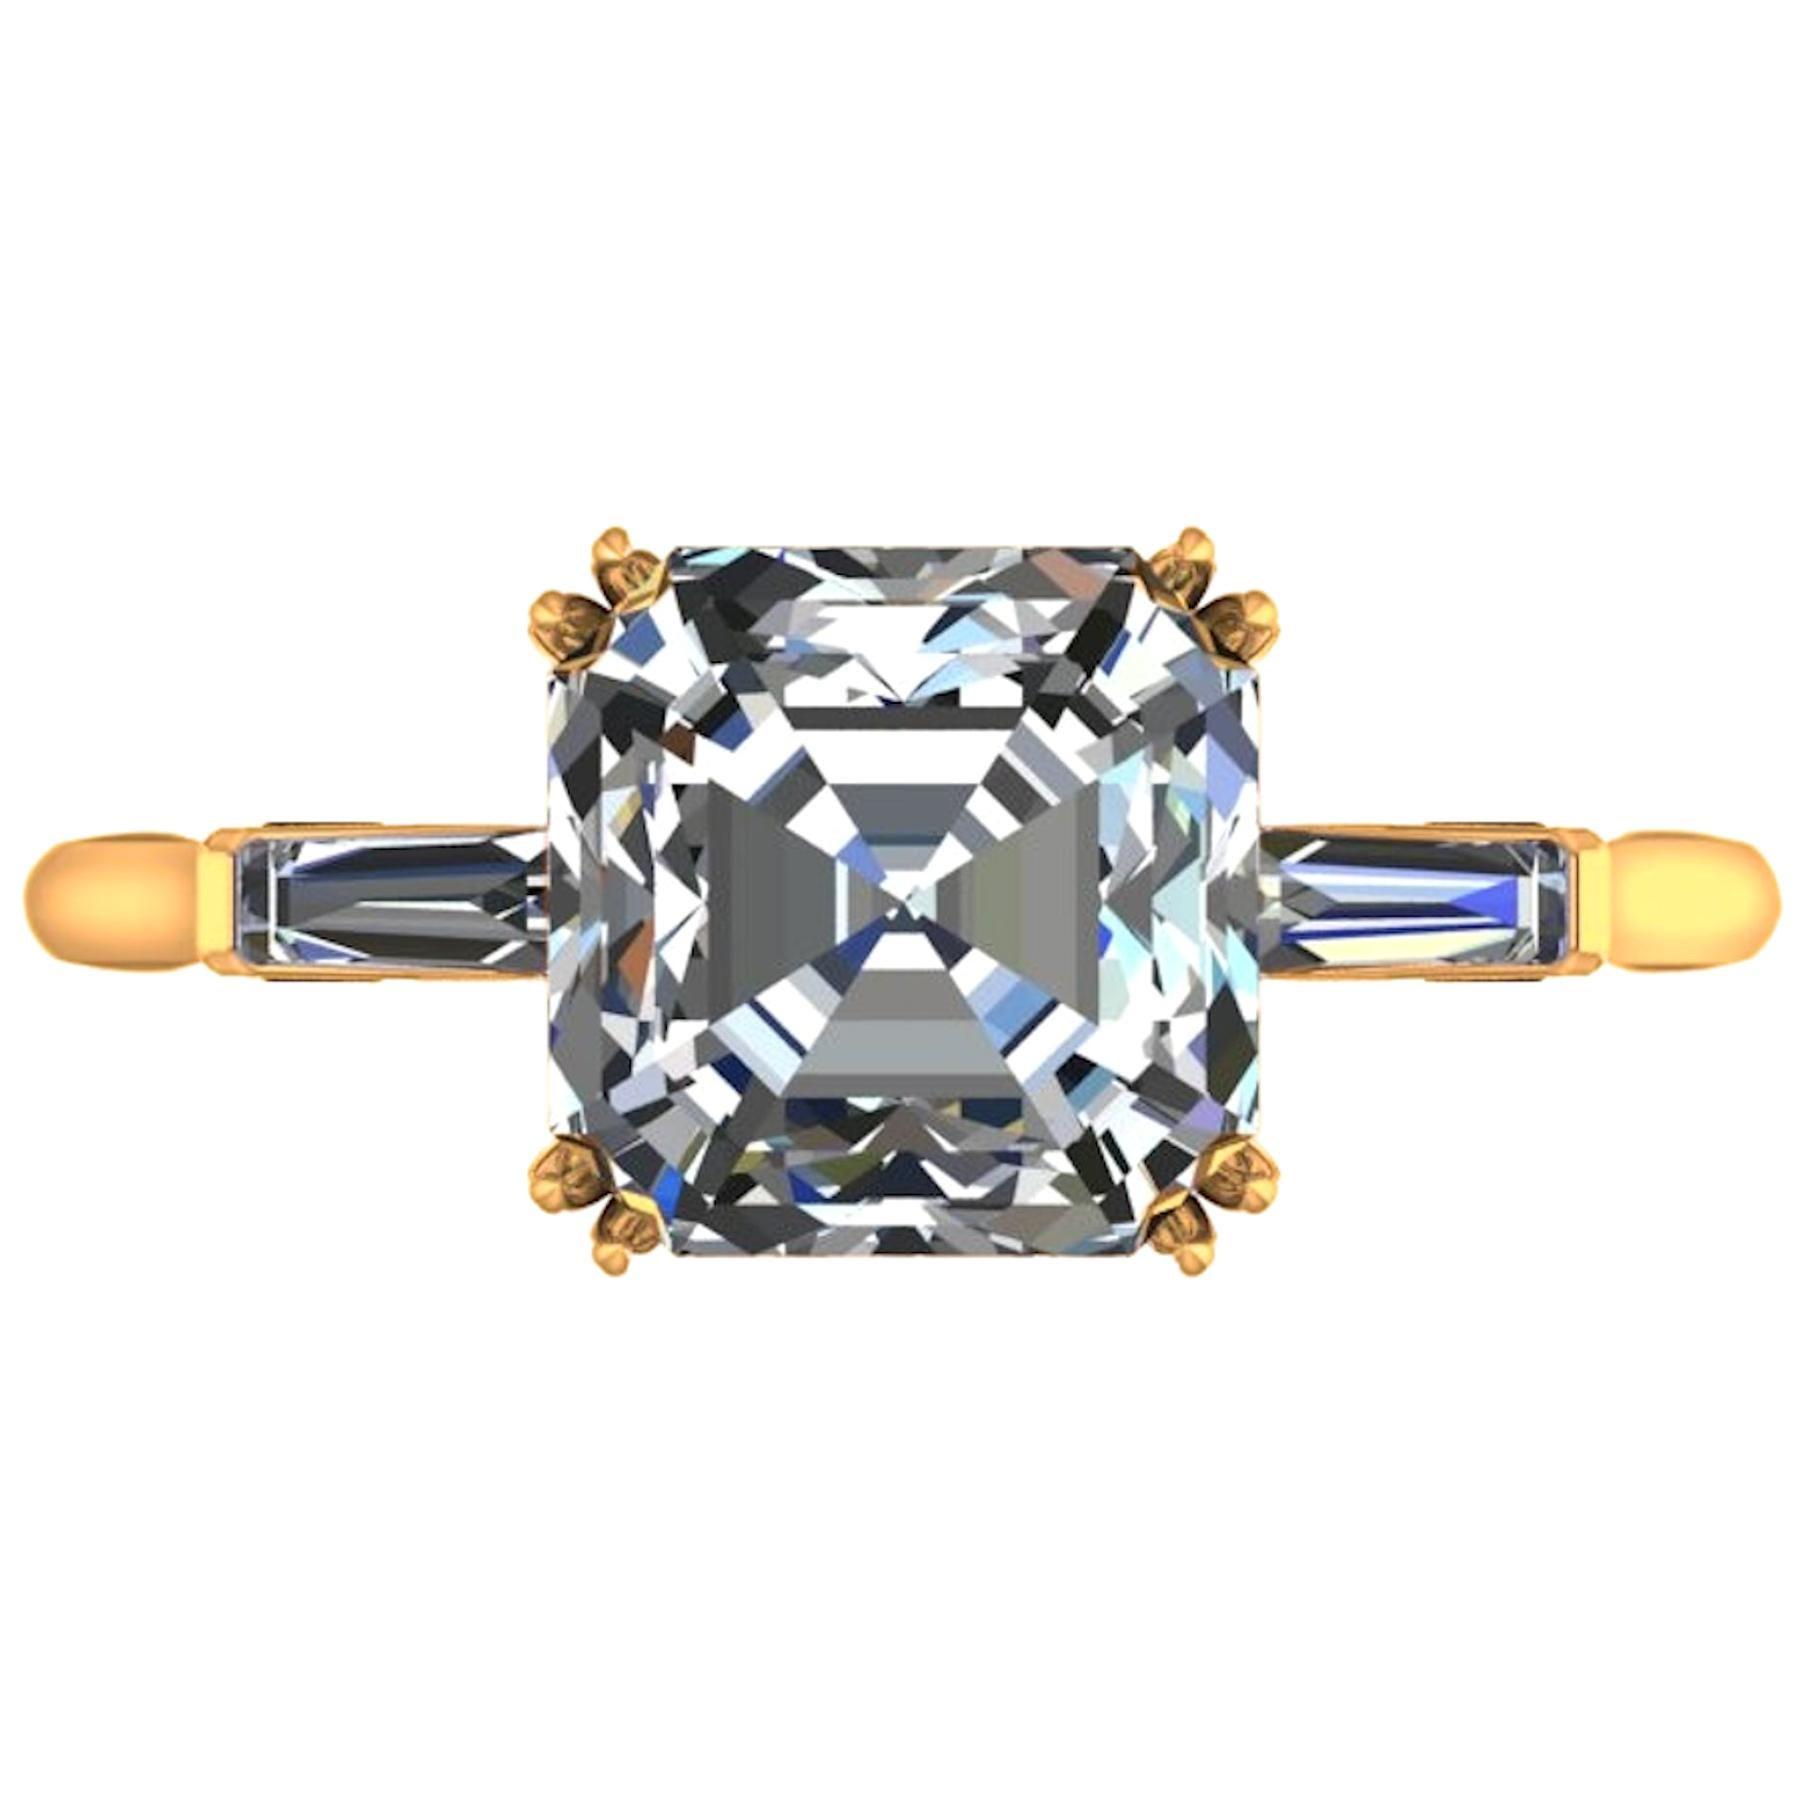 GIA Certified 3.50 Carat Asscher Cut Diamond Ring